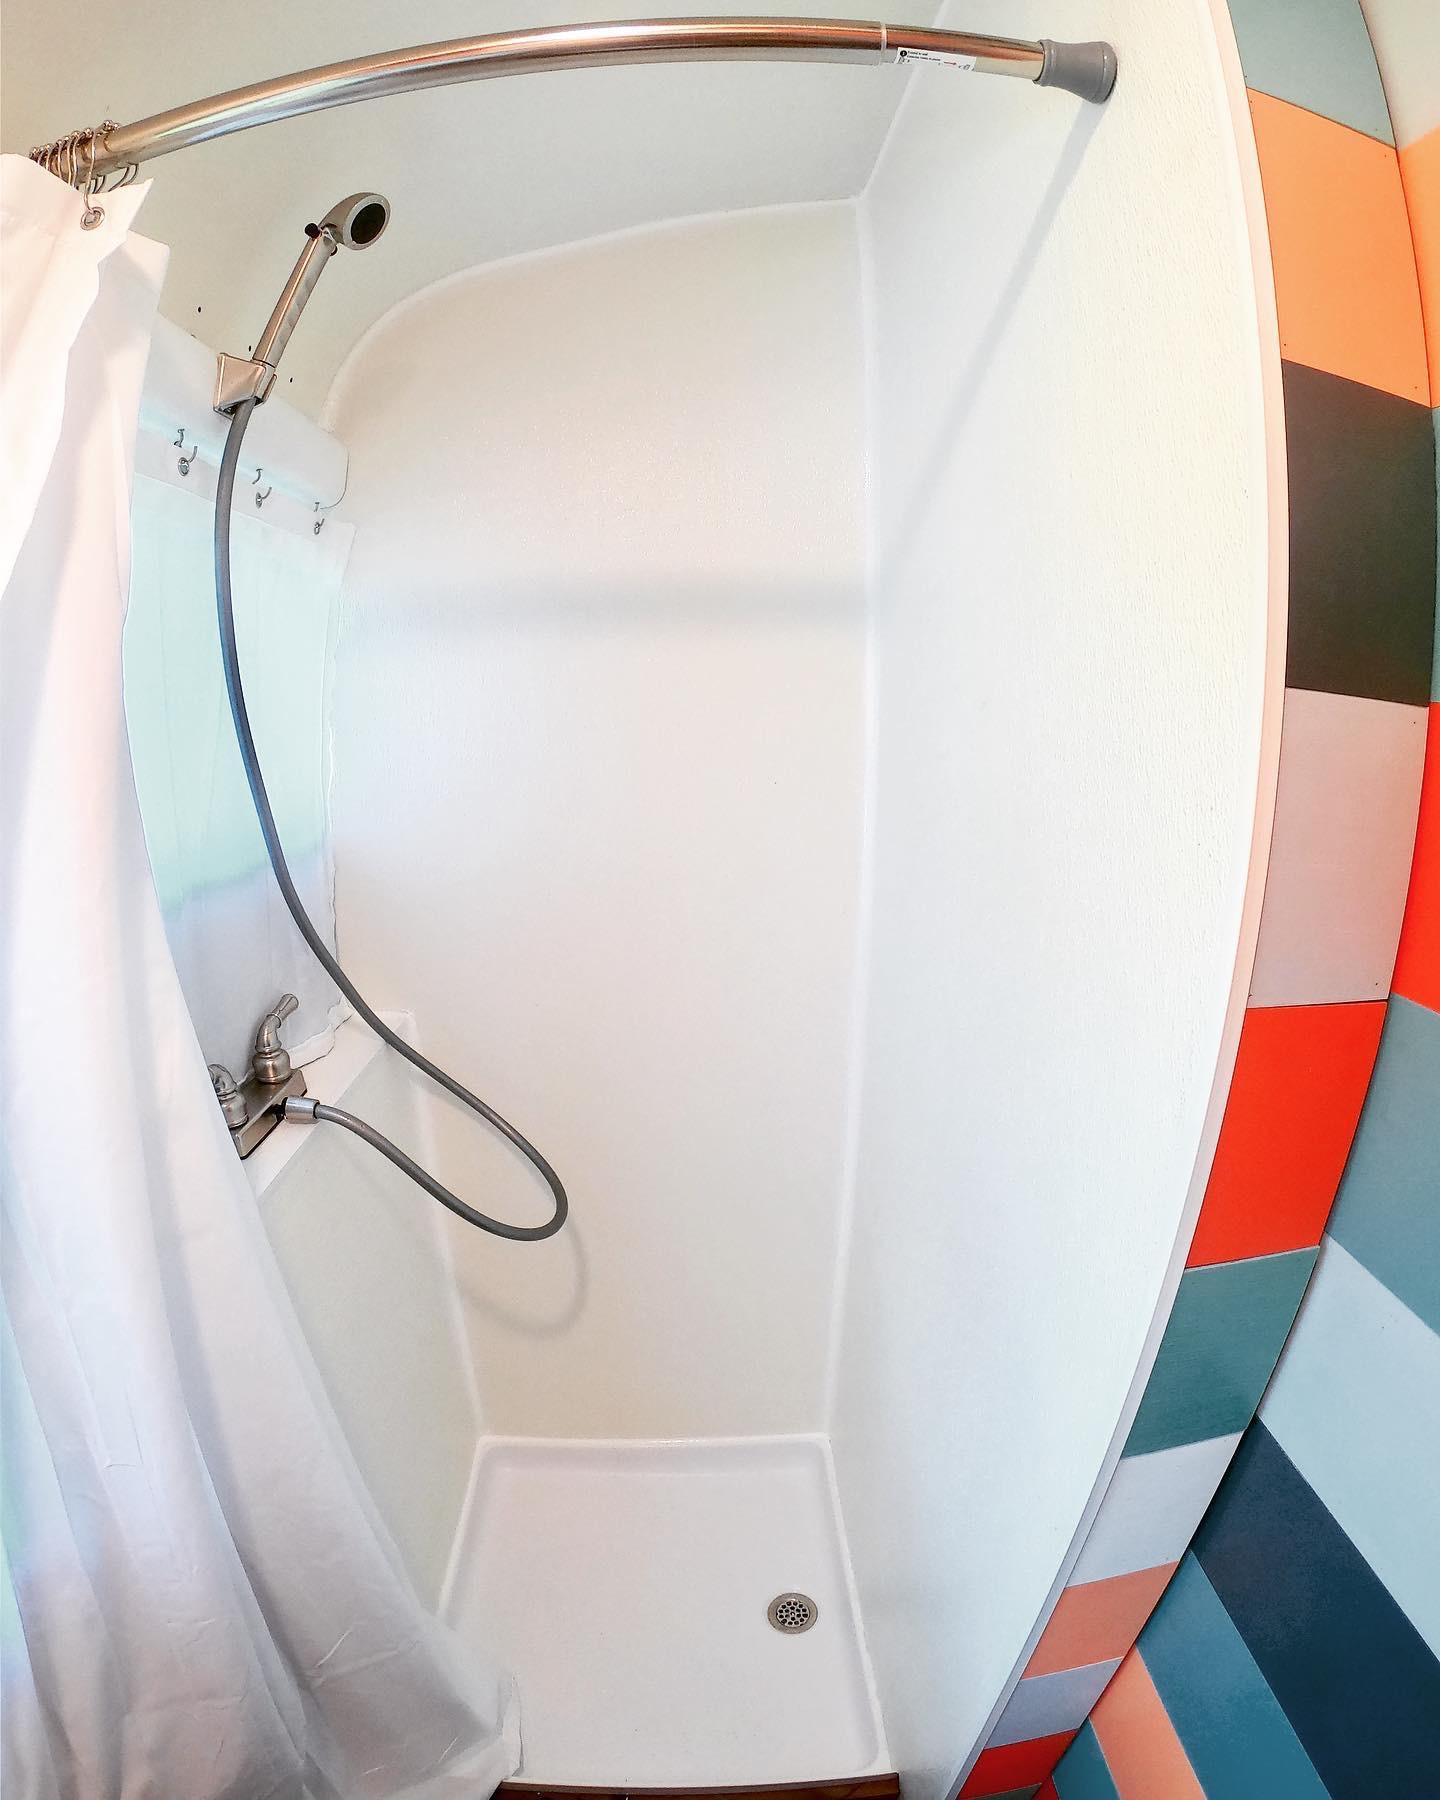 School bus tiny house bathroom shower